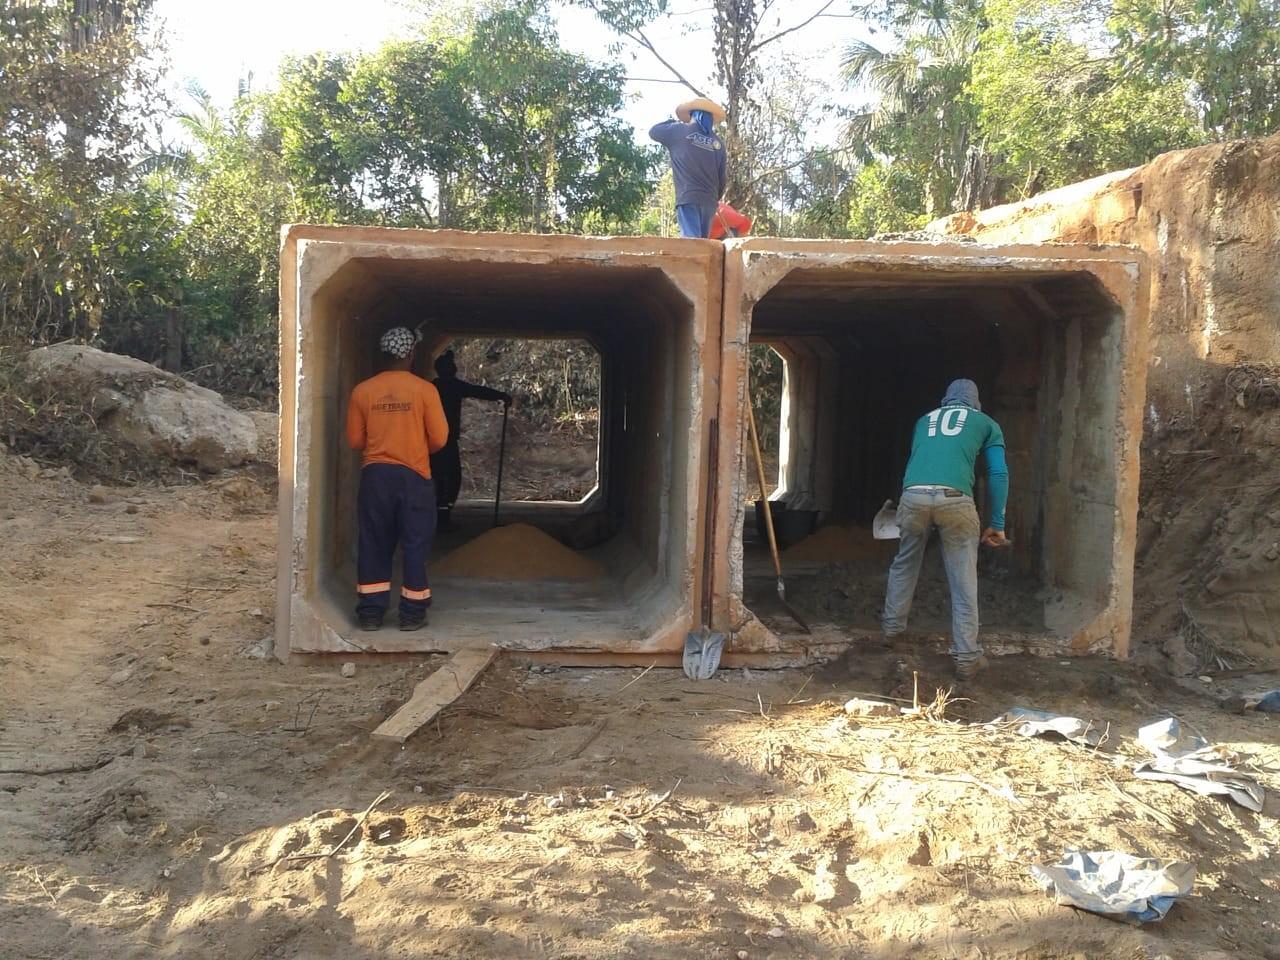 Ponte incendiada em rodovia será substituída por estrutura de concreto - Notícias - Plantão Diário